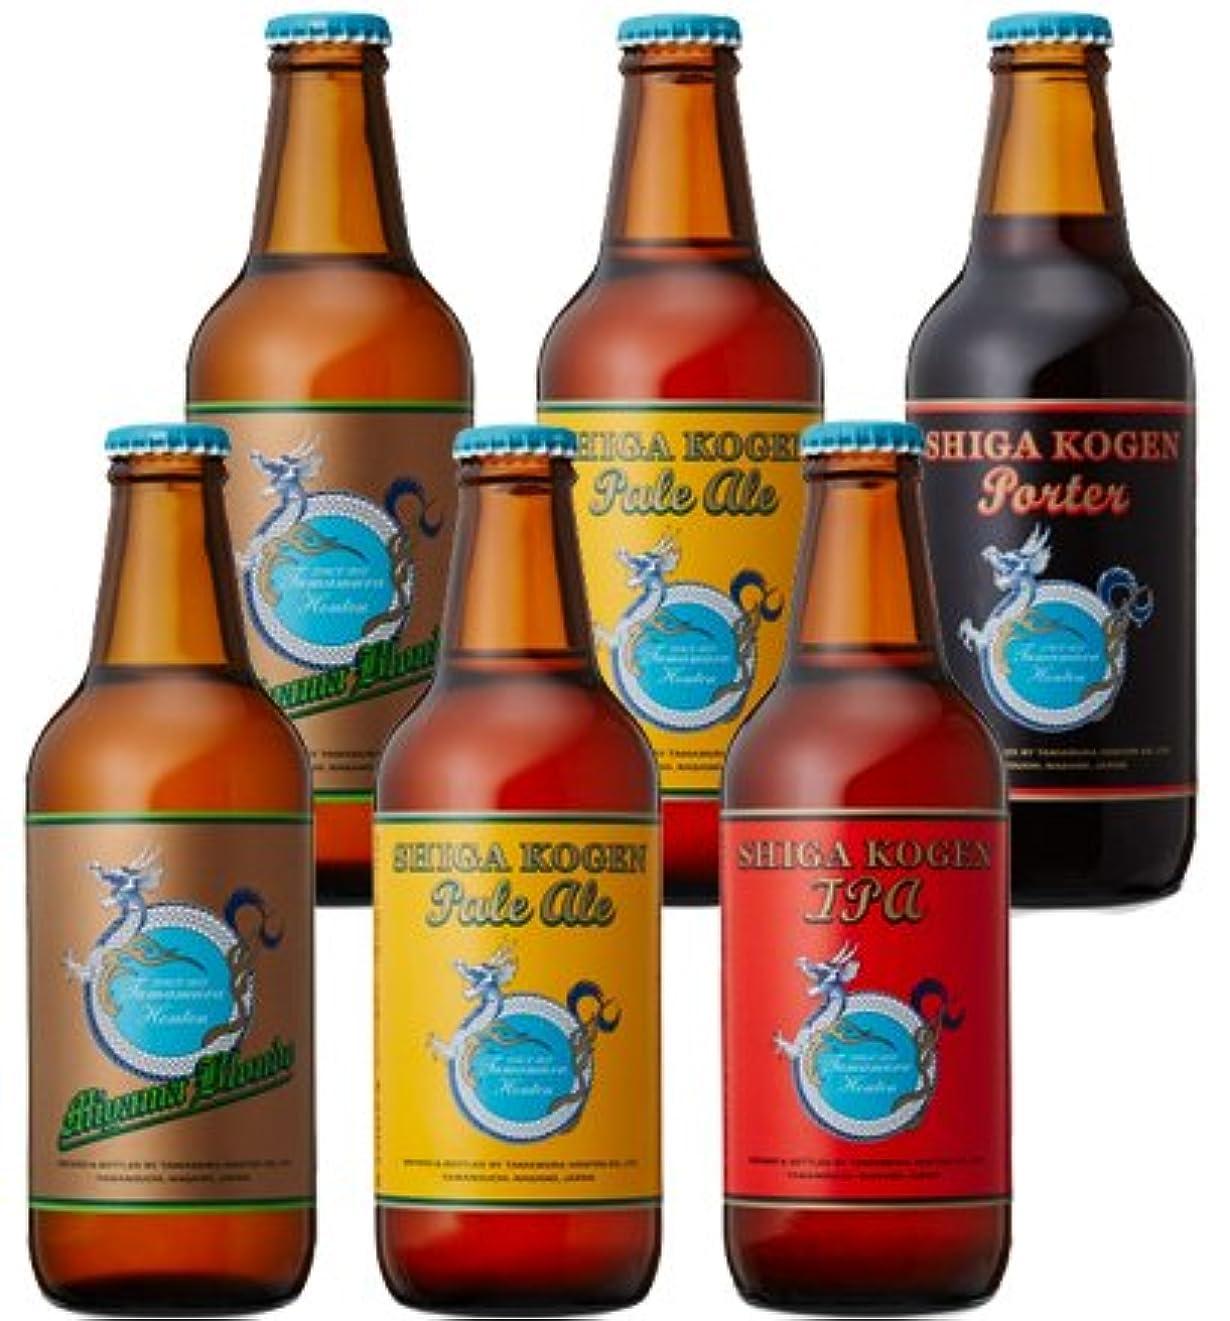 ファン翻訳者栄光の志賀高原ビール クラフトビール 飲み比べセット 6本 ビールセット 玉村本店 長野県 地ビール